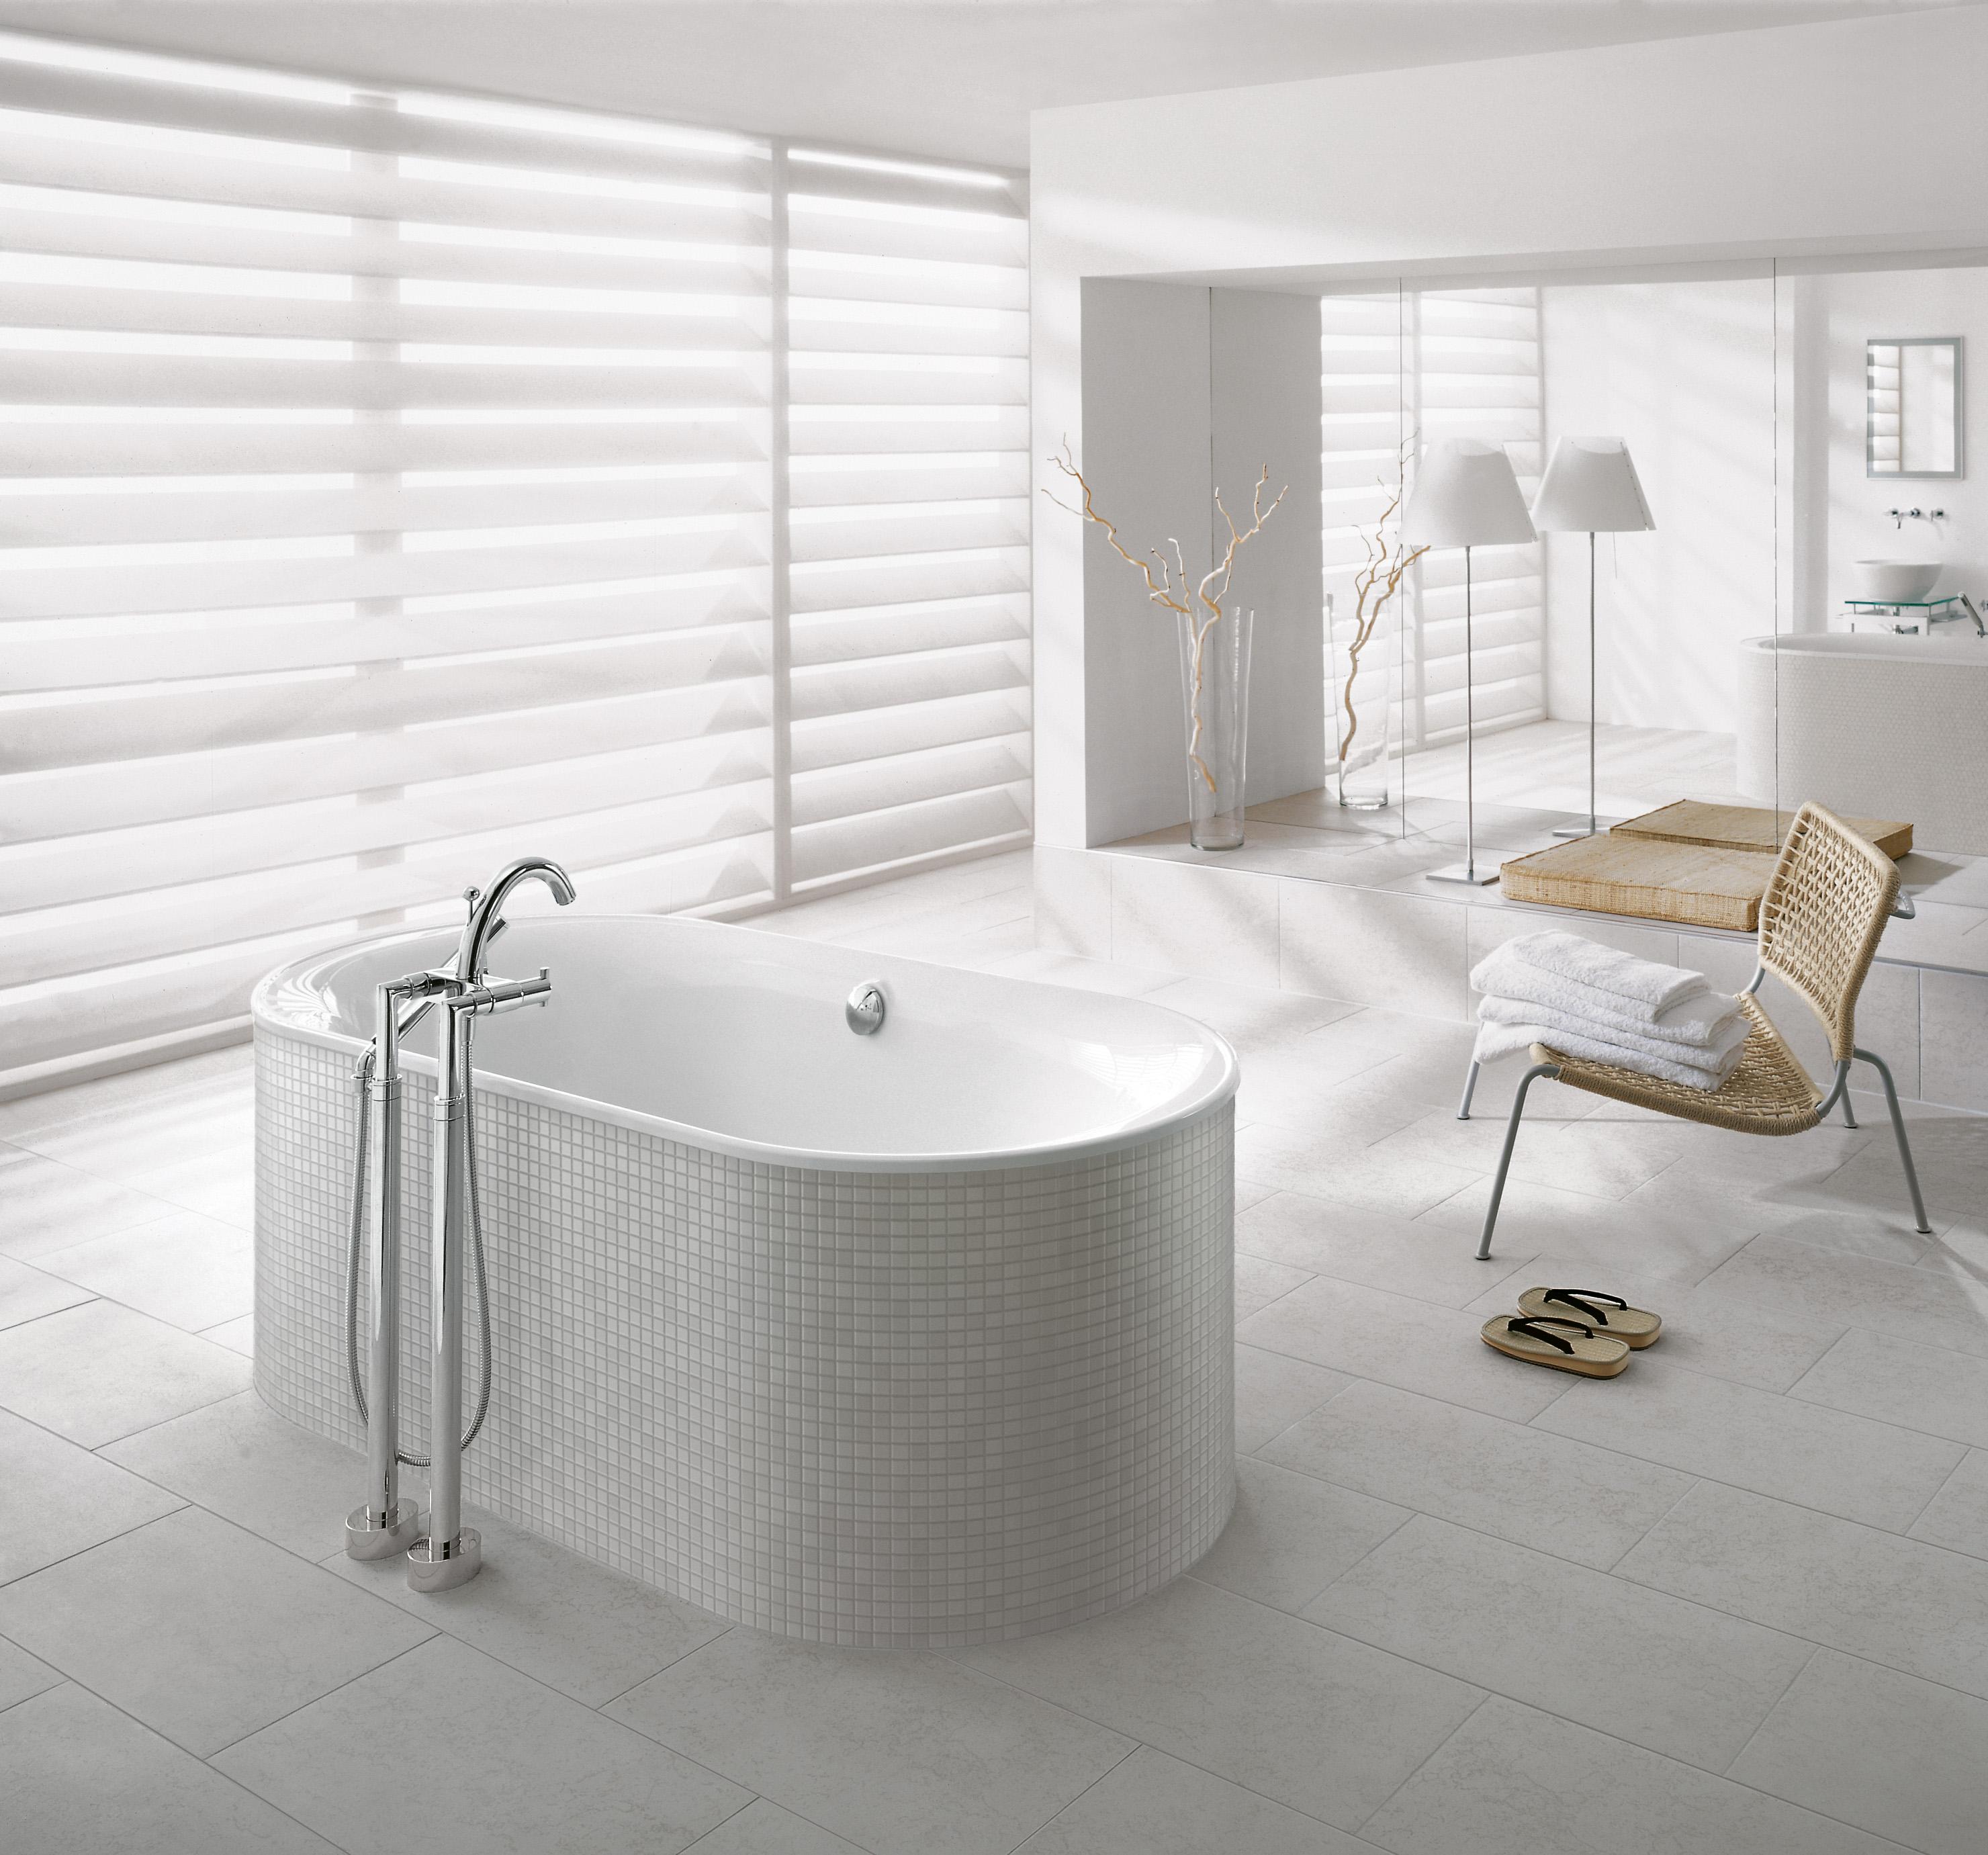 Cetus Bath, Baths, Oval baths